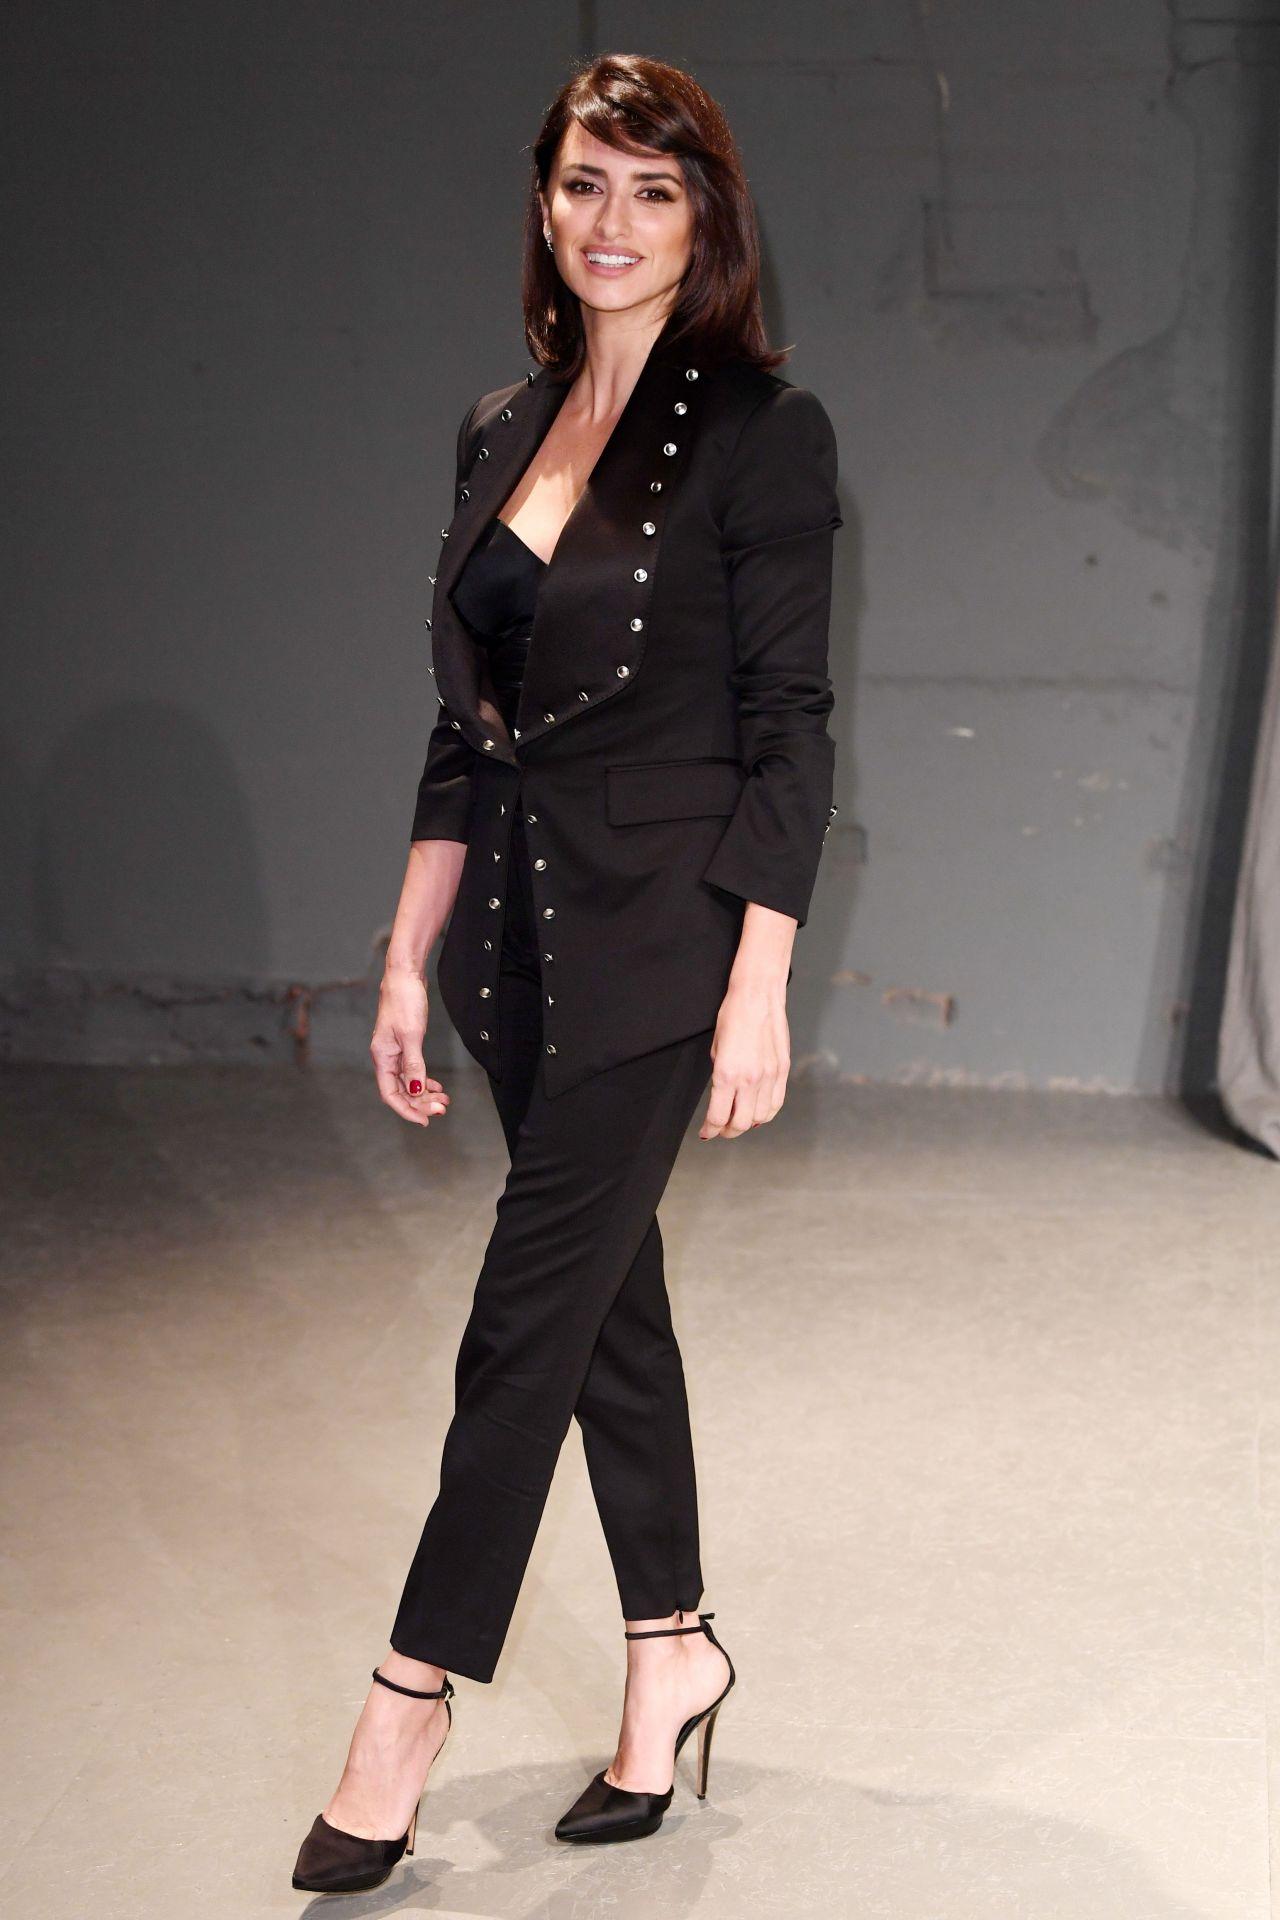 Penelope cruz burberry fashion show arrivals london 2 - Burberry fashion show ...